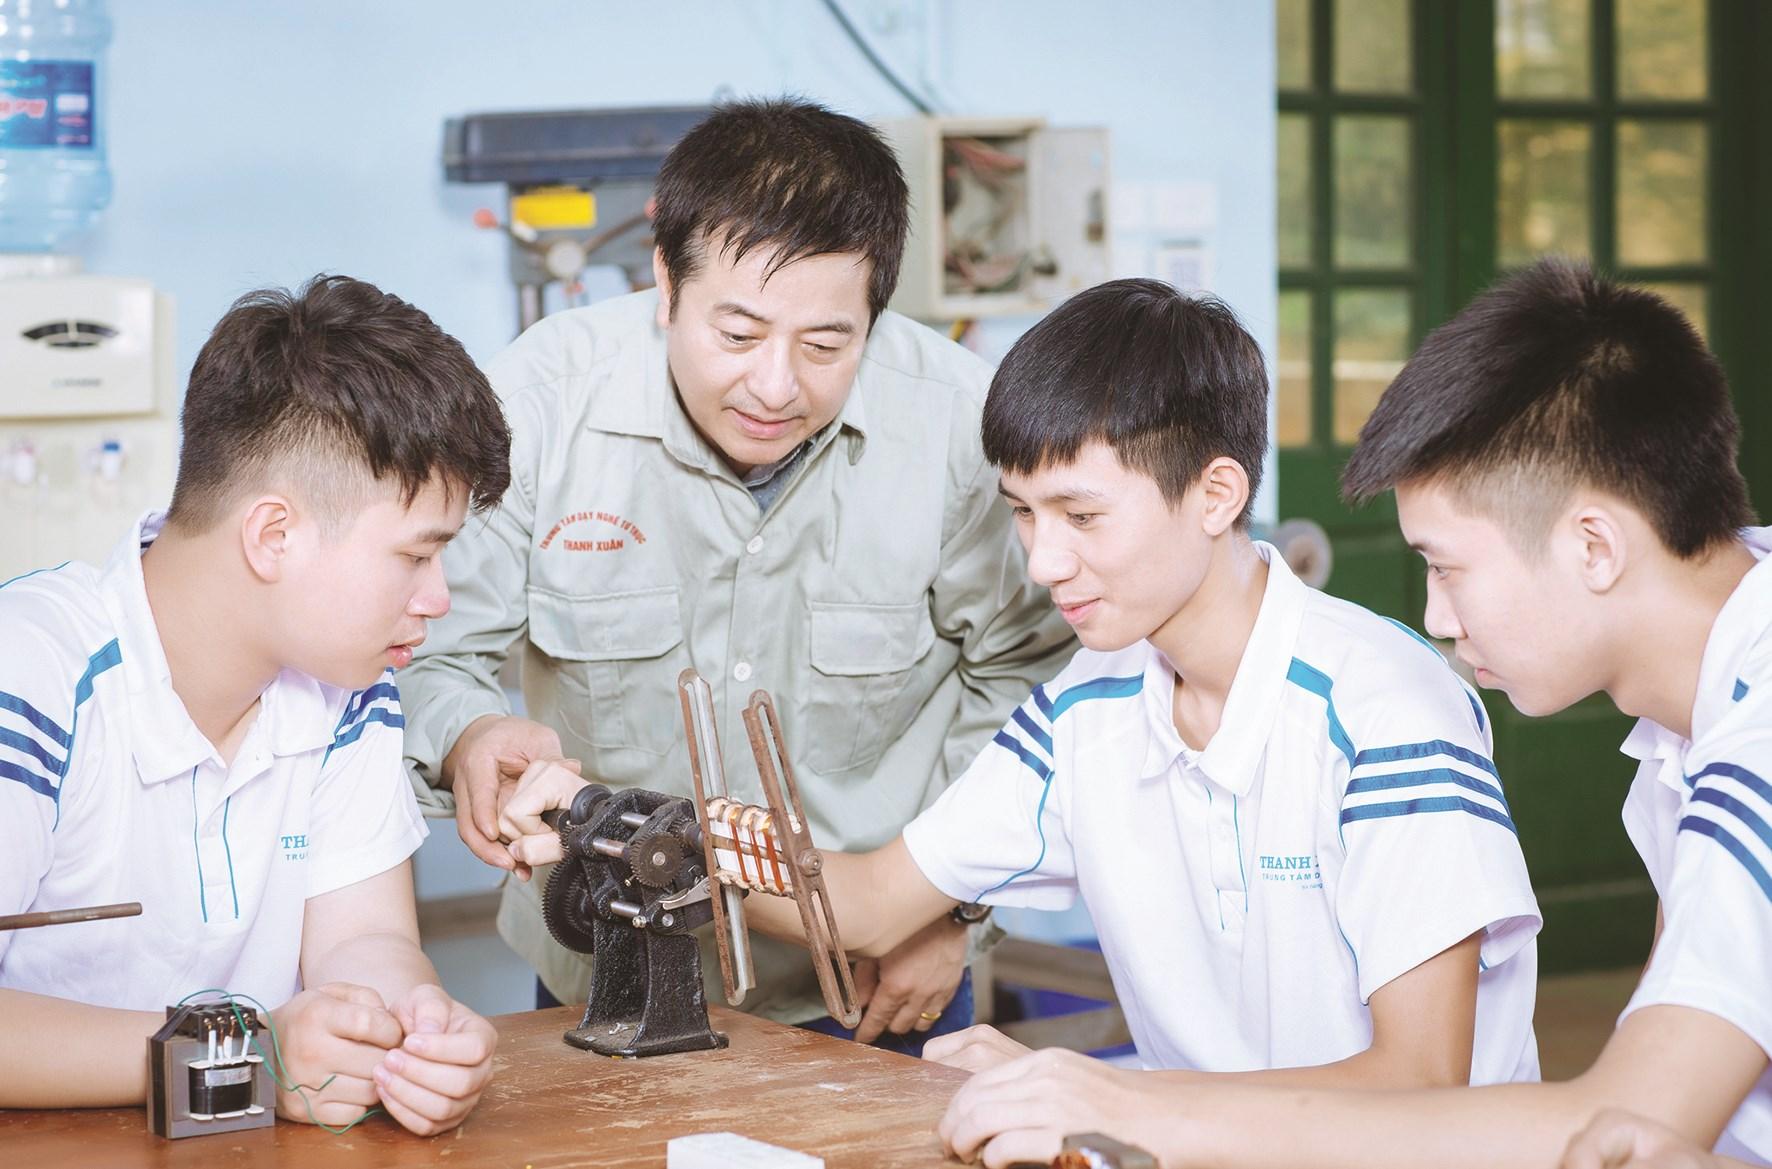 Học nghề hiện đang là lựa chọn của một số ít học sinh.